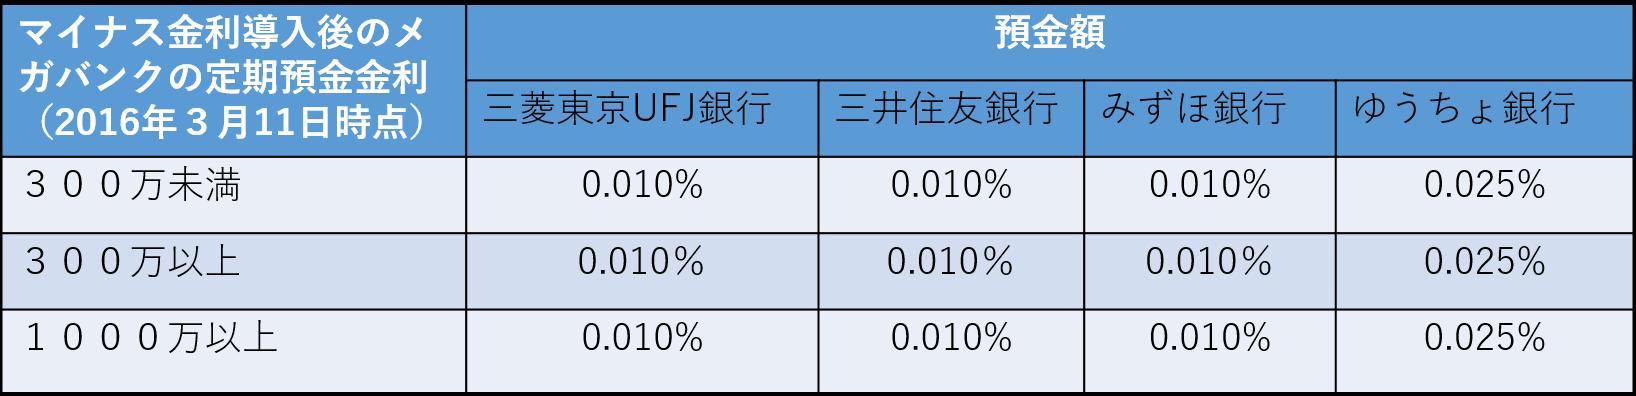 %e9%87%91%e5%88%a9%e5%9b%b3